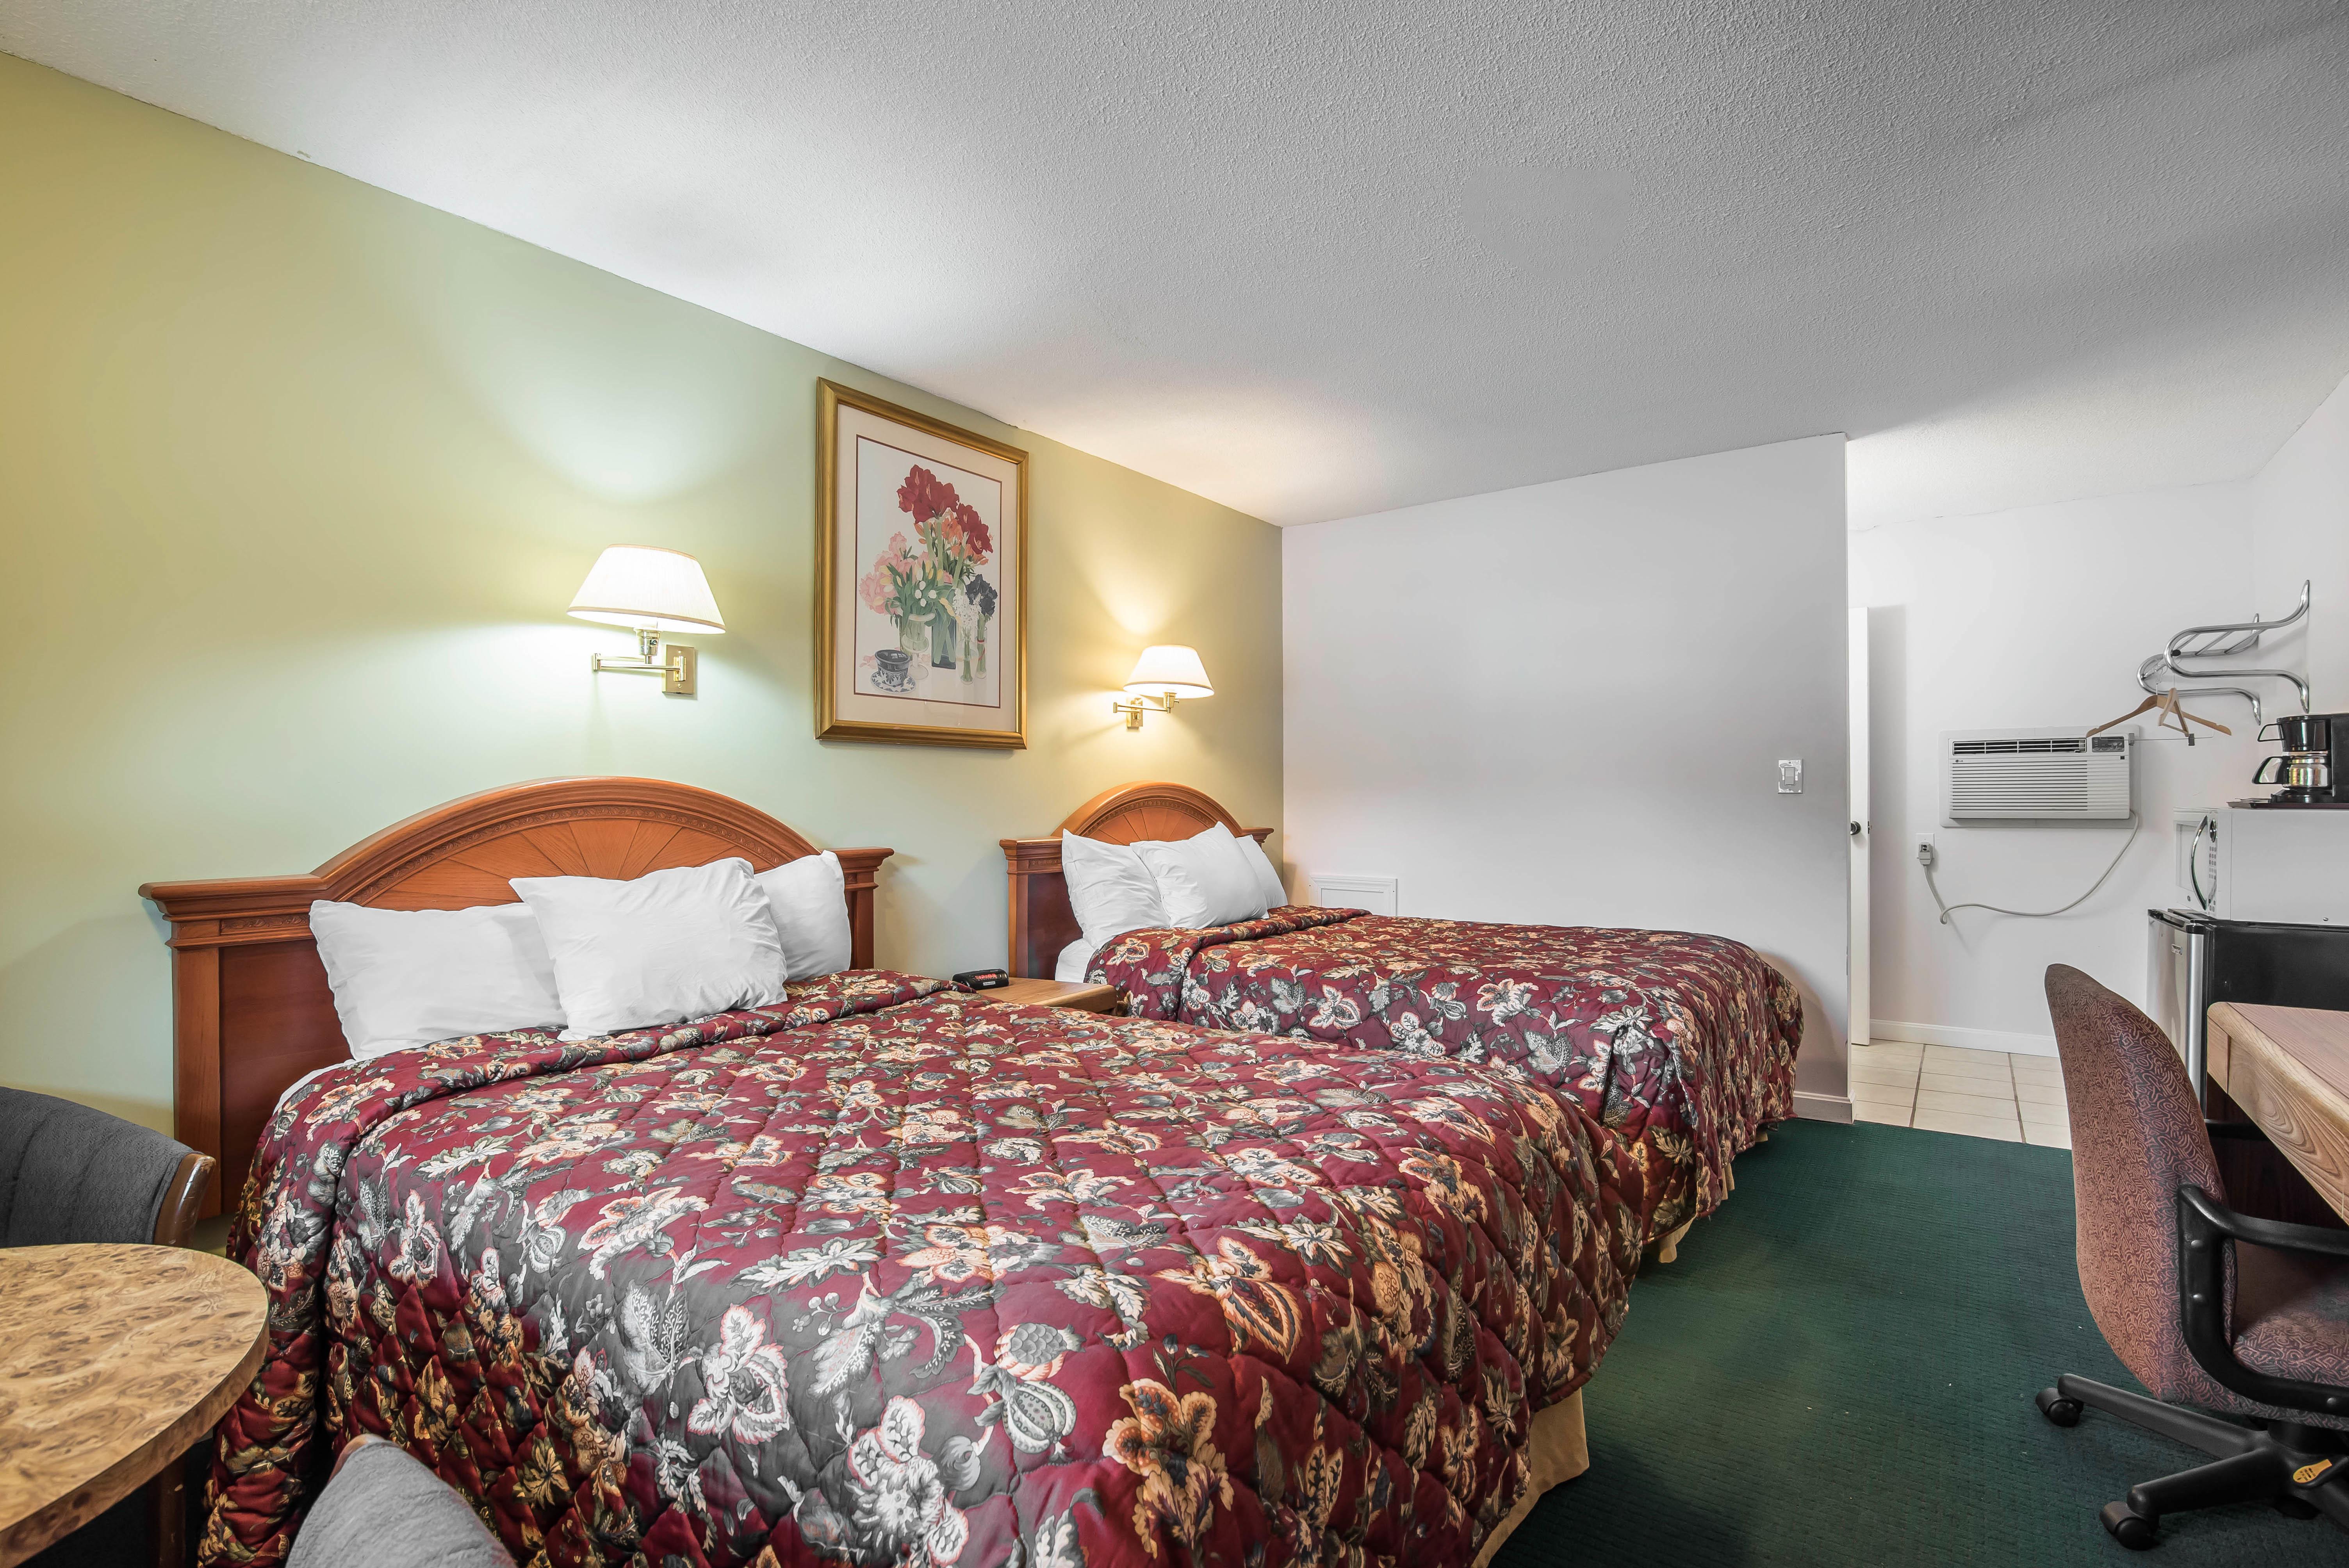 Rodeway Inn, Bellows Falls VT